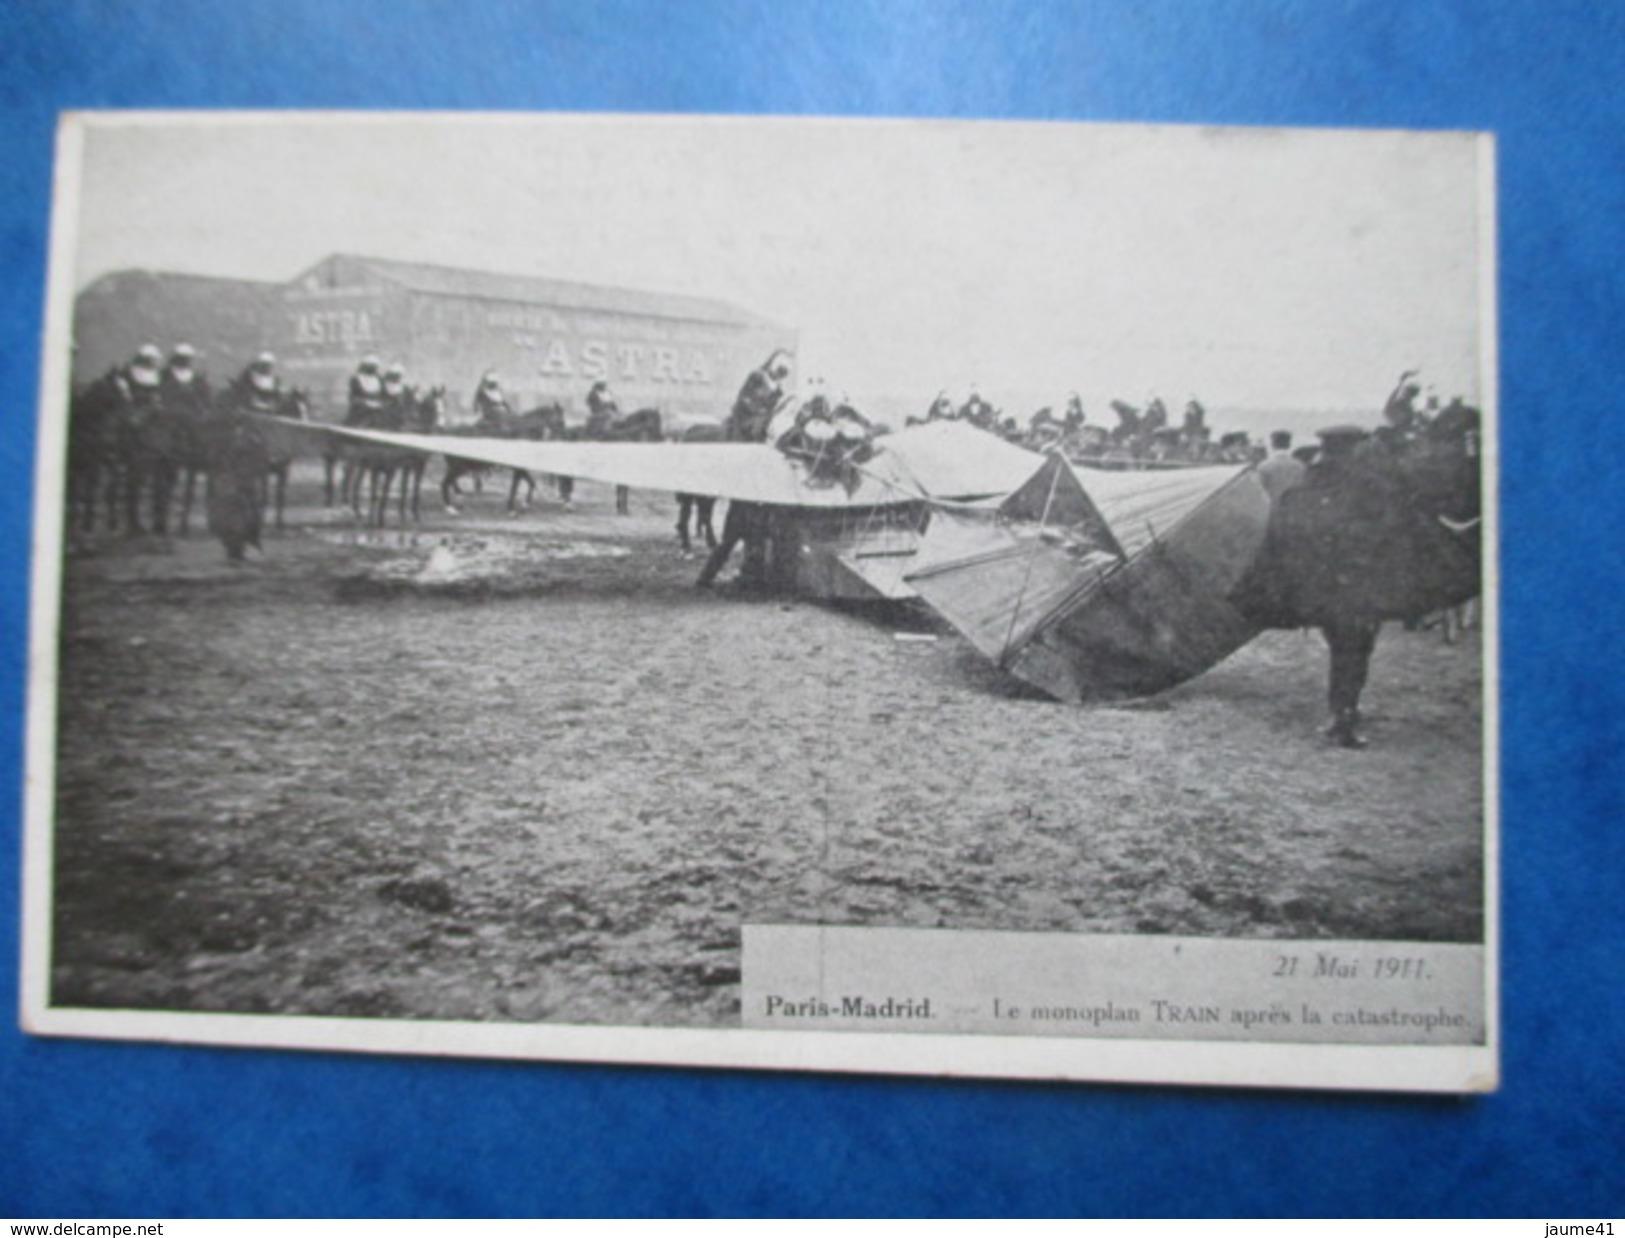 HAUTS DE SEINE  92  ISSY-LES-MOULINEAUX  - 21  MAI 1911 -  LE MONOPLAN TRAIN APRES LA CATASTROPHE    TRES  ANIME  TTB - Issy Les Moulineaux